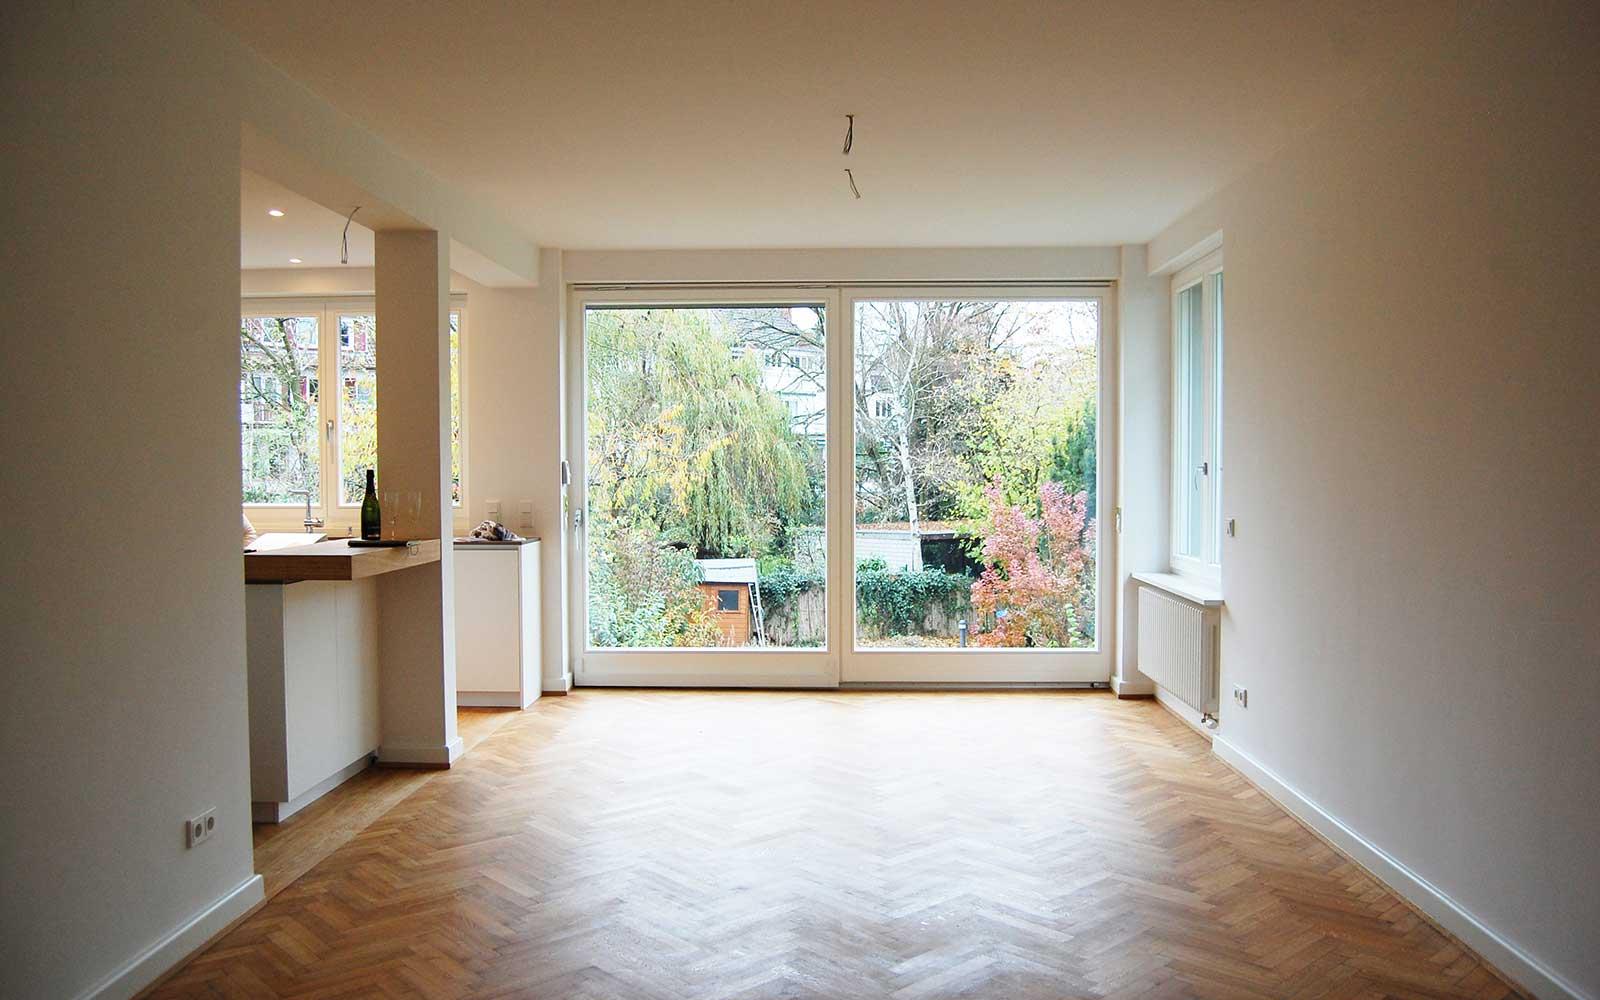 Parkinsel, Architekturbüro Heidelberg: Kochhan und Weckbach